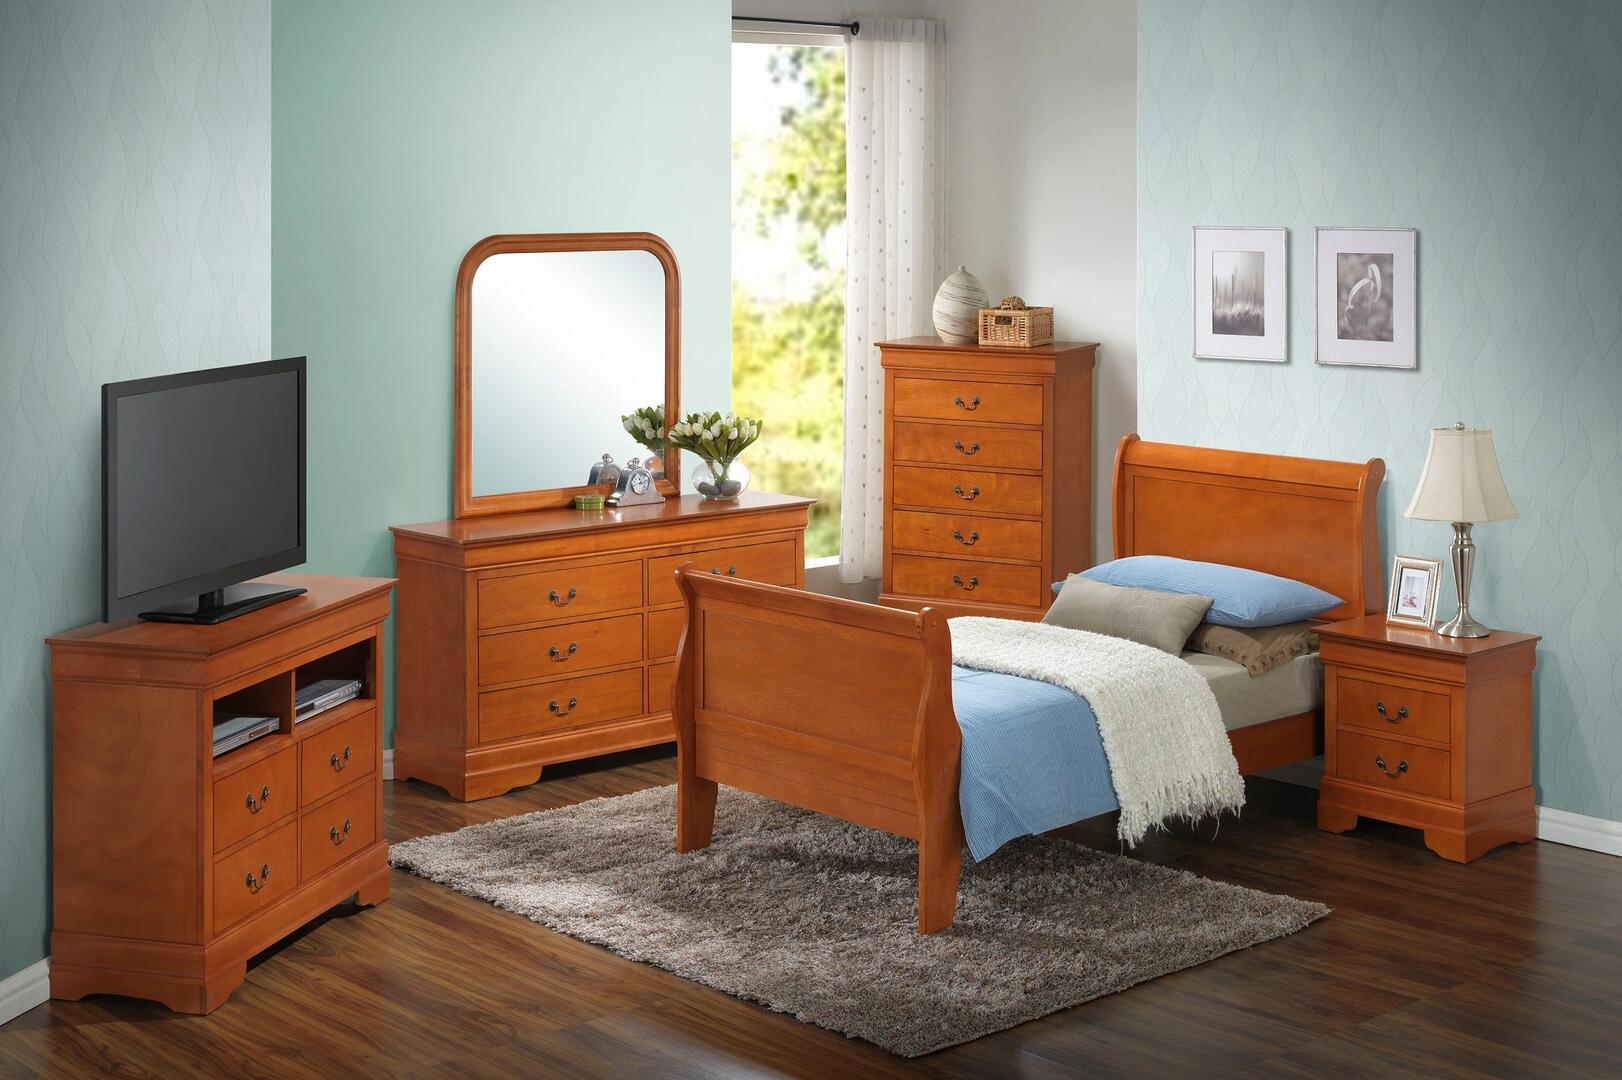 Glory furniture g3160atbset twin bedroom sets appliances for Oak bedroom furniture 0 finance